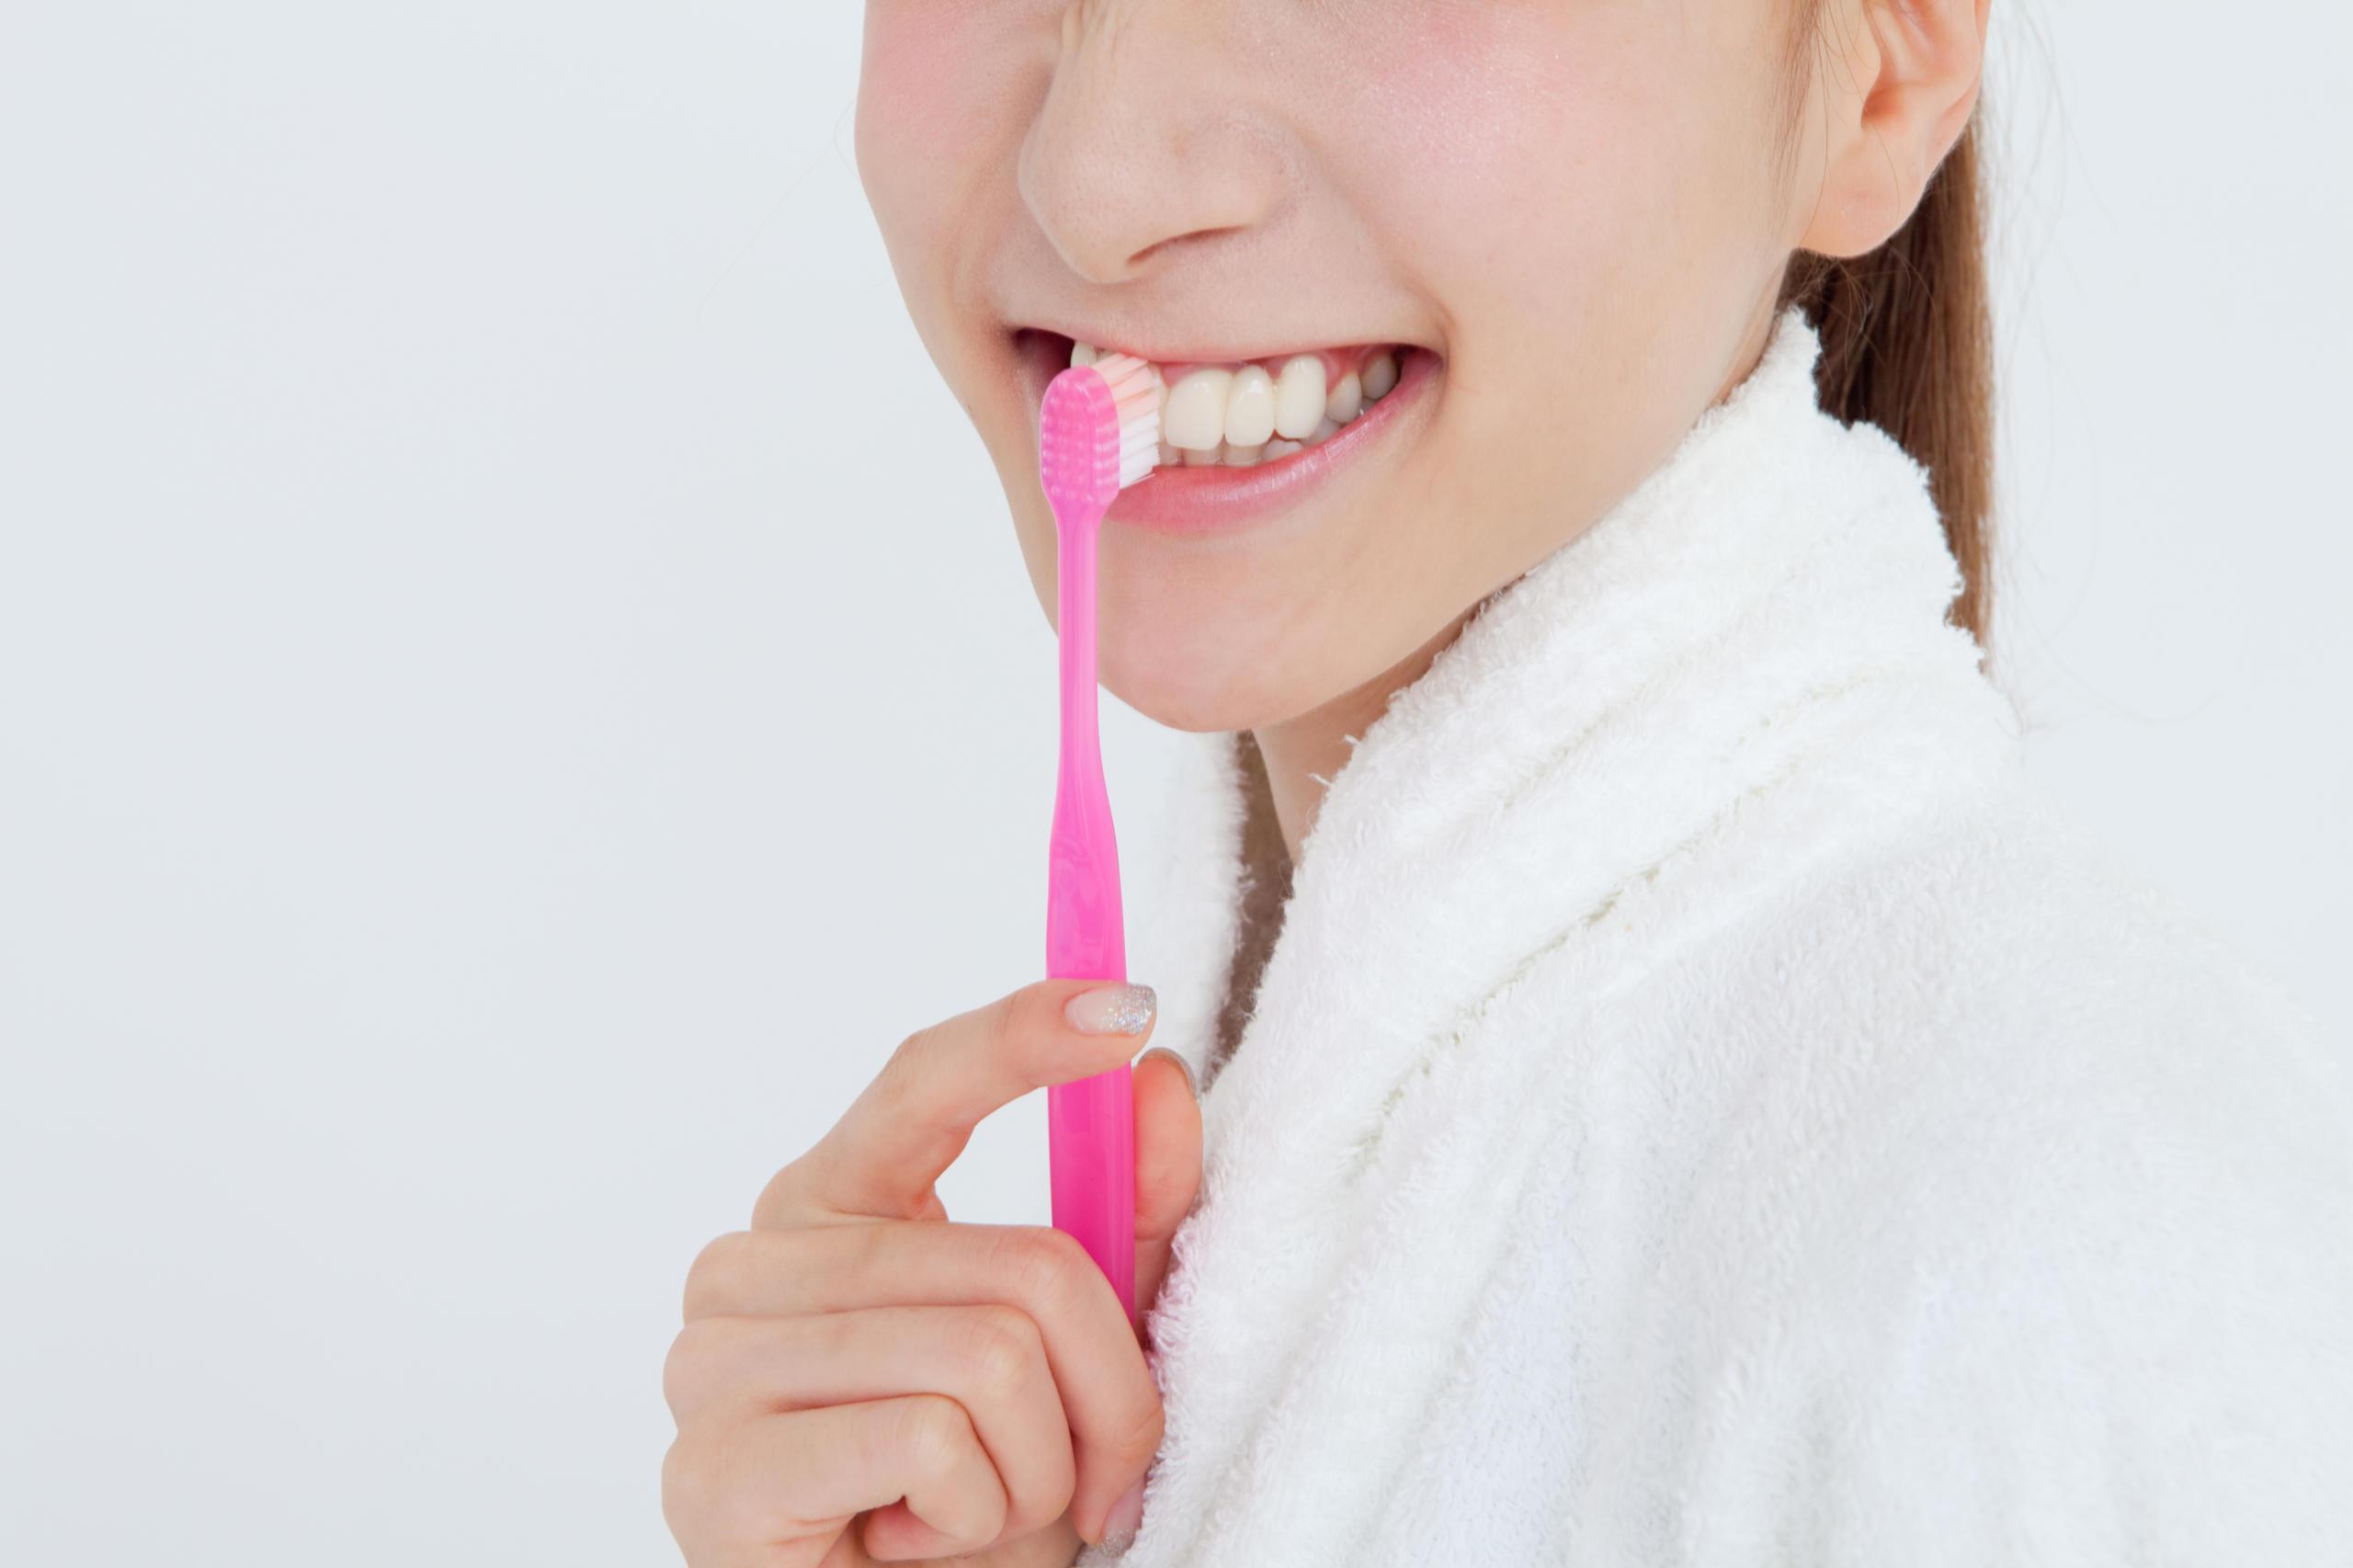 日曜に通院したい方へ!泉佐野市の歯医者さん、おすすめポイント紹介